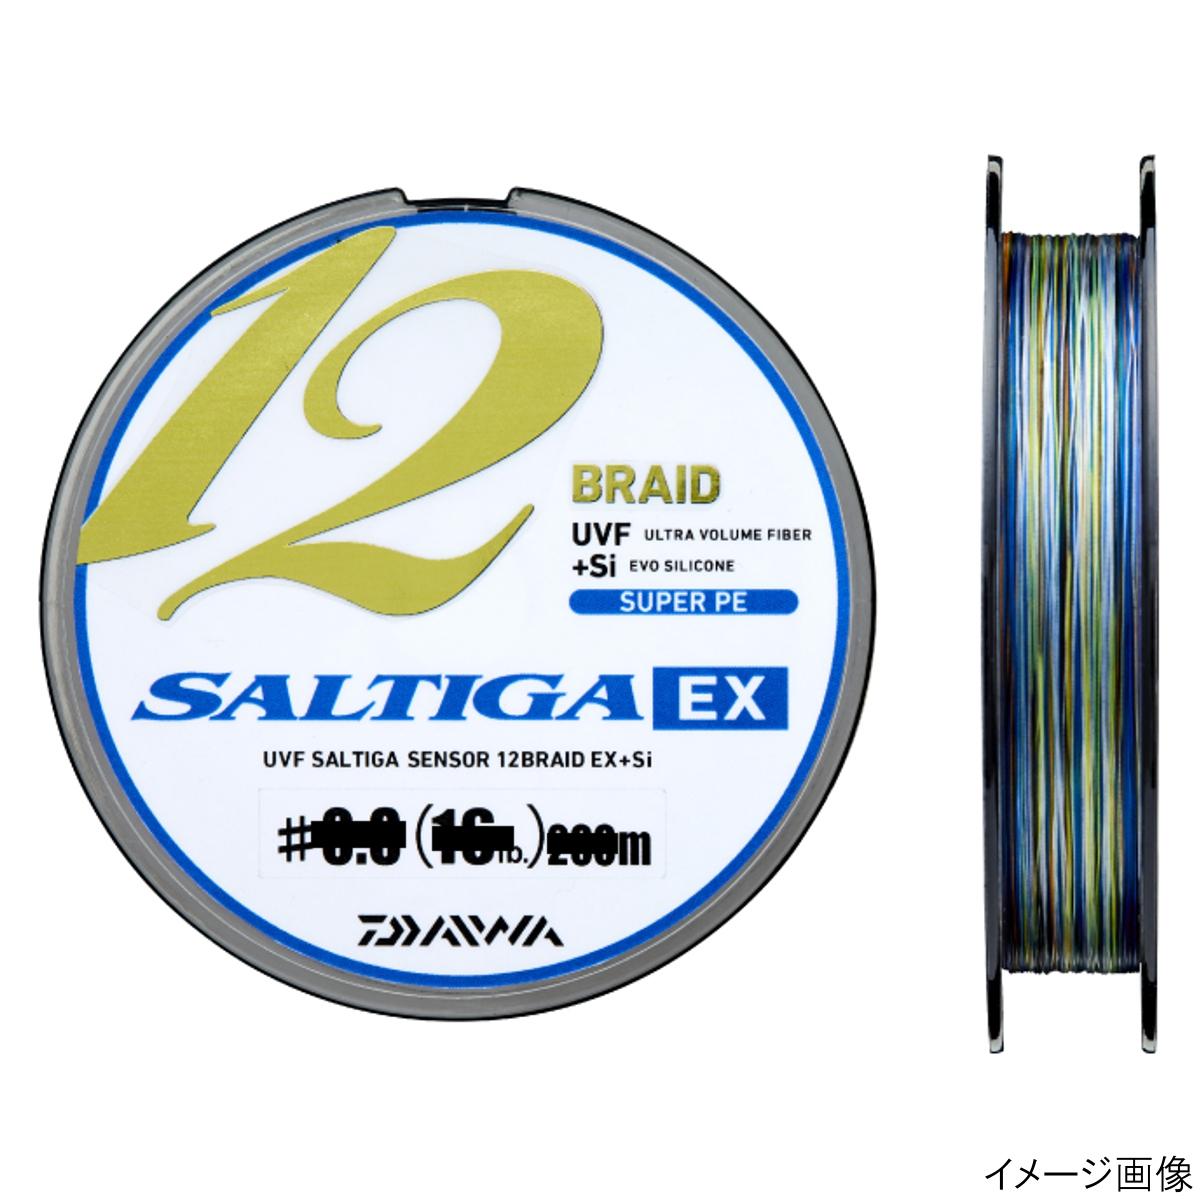 ダイワ UVF ソルティガセンサー 12ブレイドEX+Si 300m 1号【ゆうパケット】